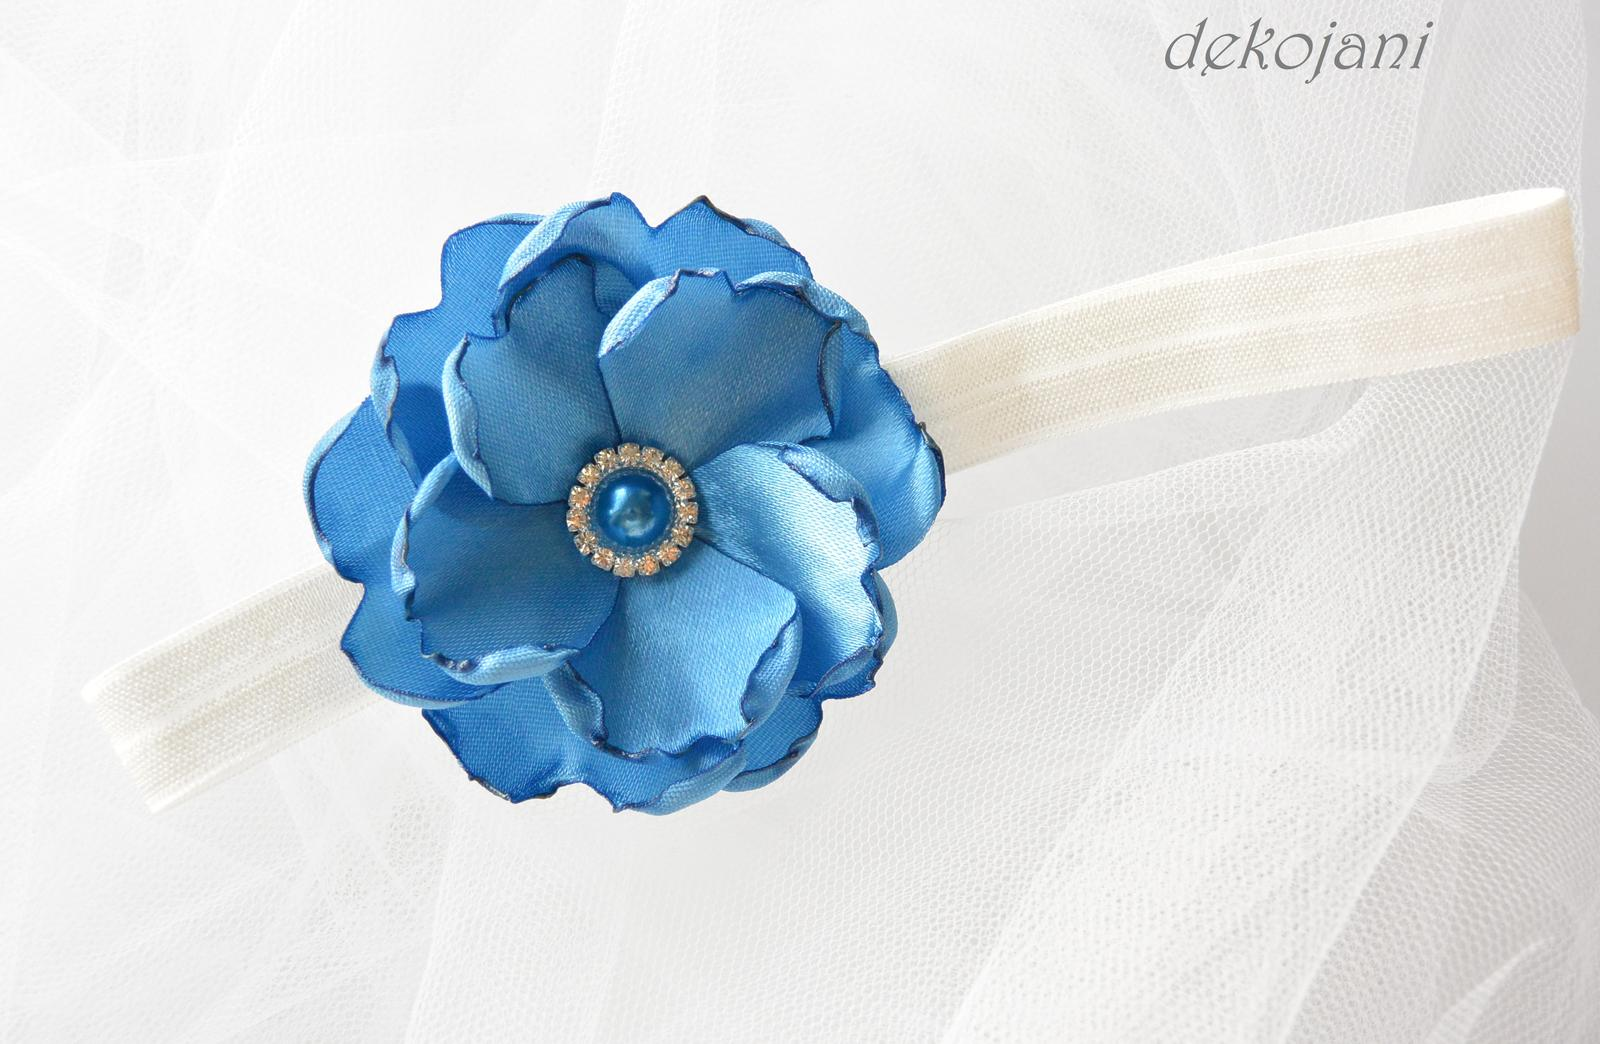 Čelenky, květiny do vlasů, náramky, obojek pro pejska... - Obrázek č. 92